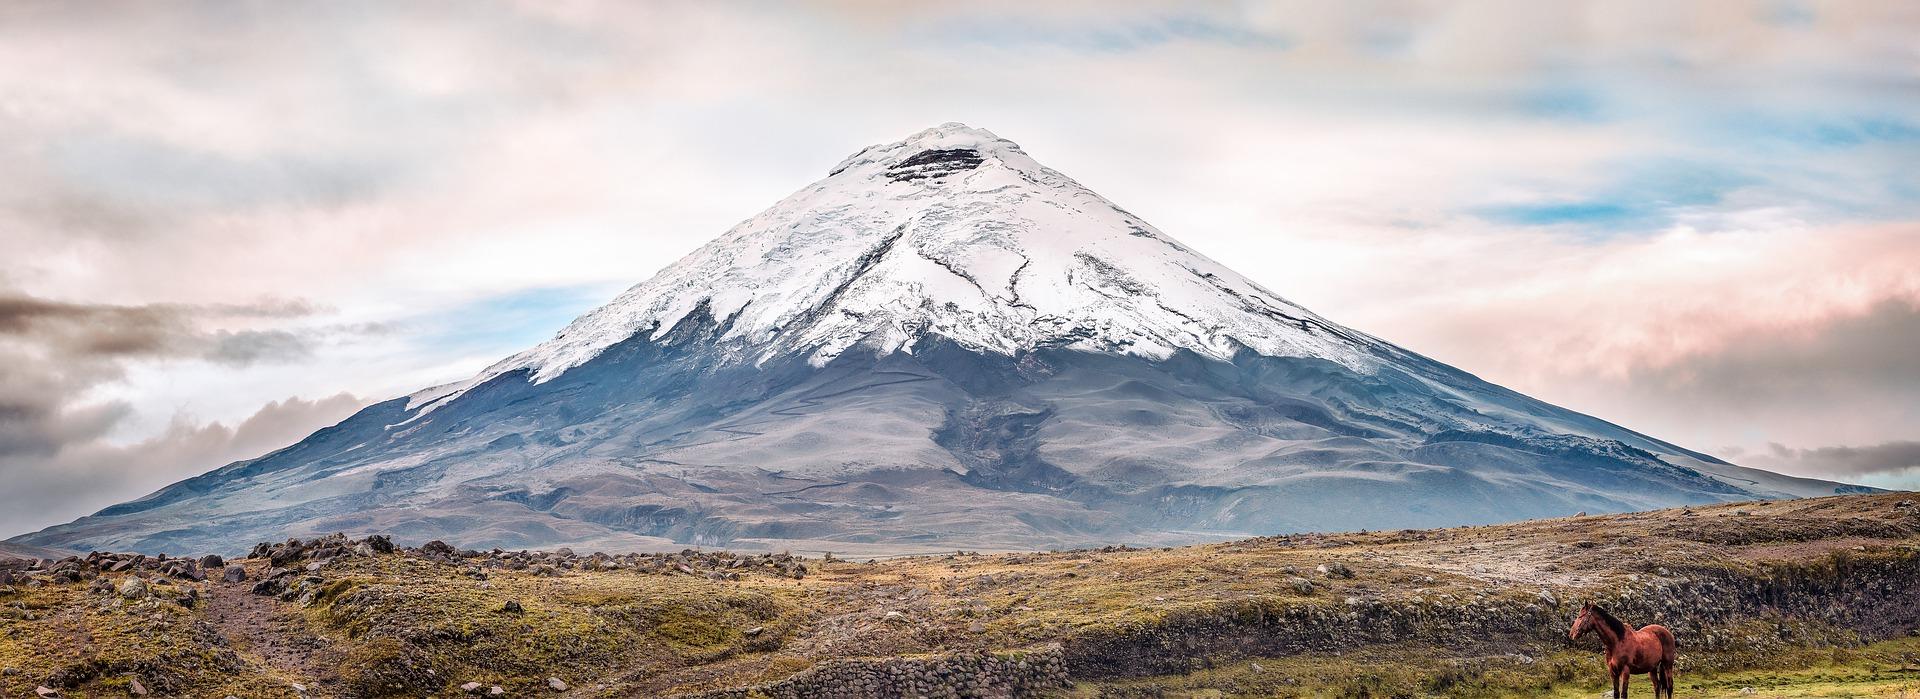 Le volcan Cotopaxi en Équateur